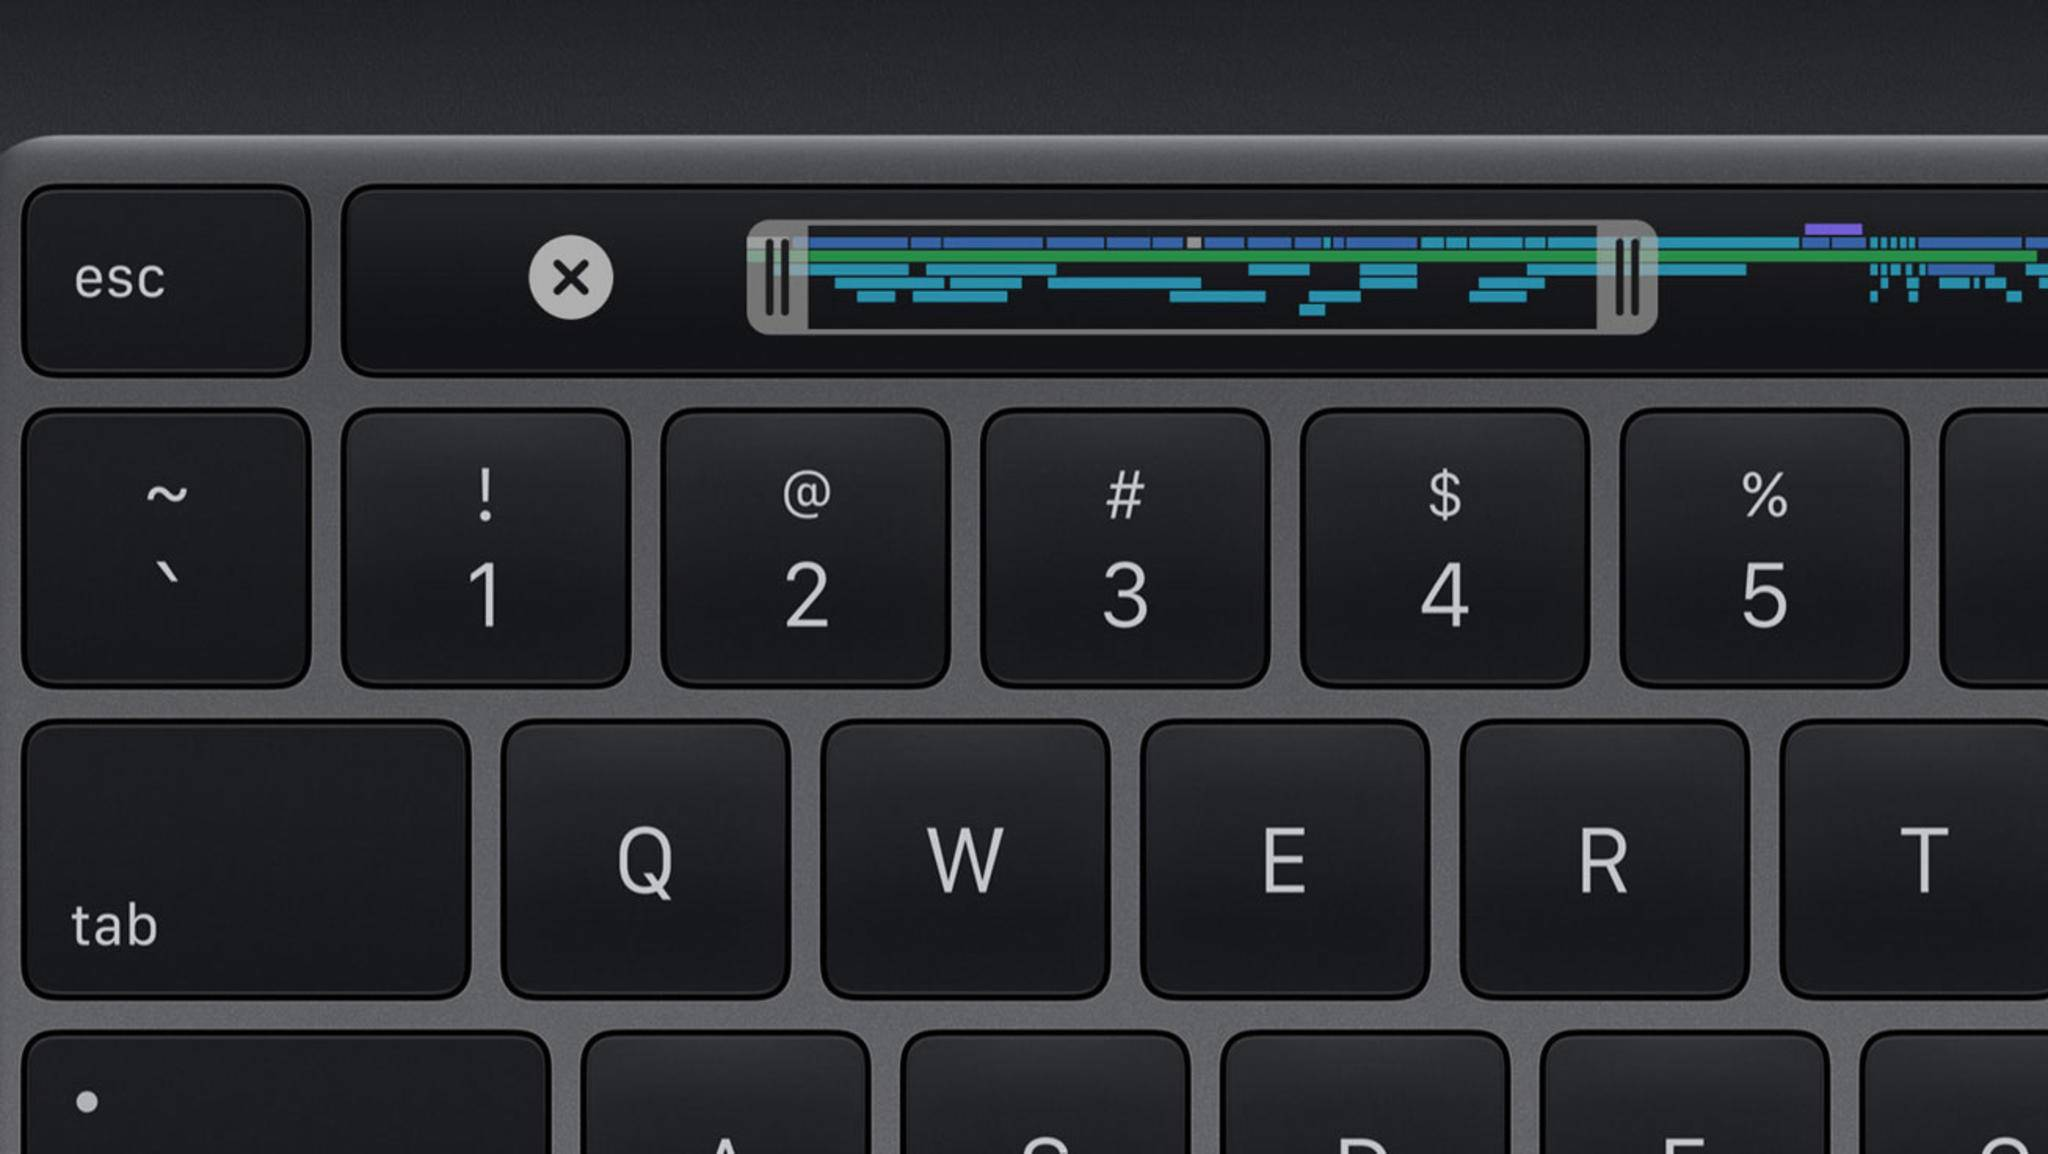 macbook-pro-2020-keyboard